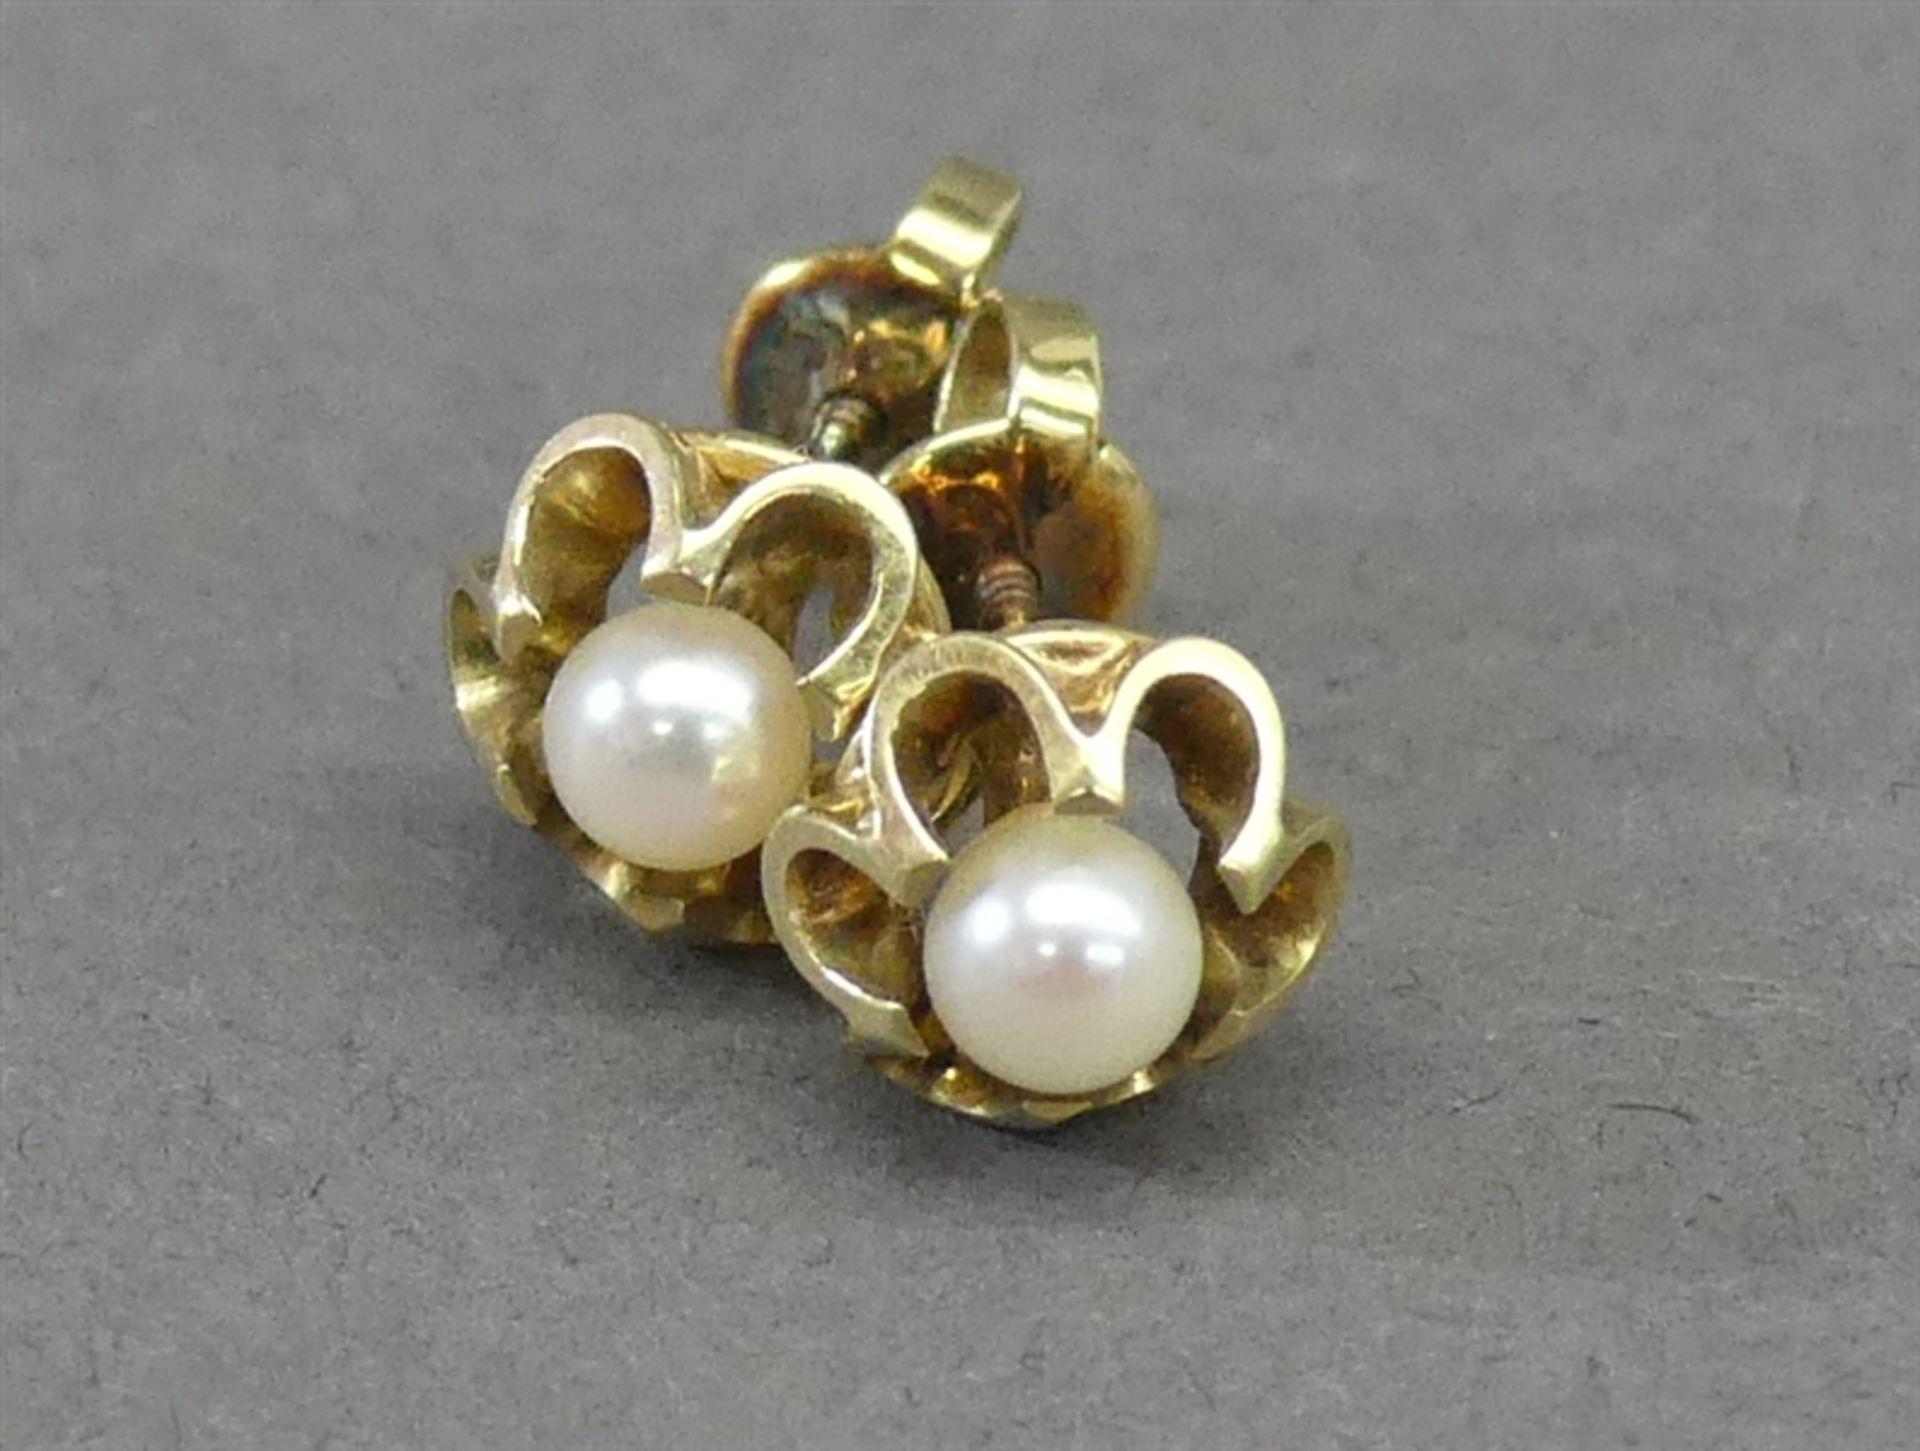 Paar Ohrstecker 14 kt. Gelbgold, 2 kl. weiße Perlen, durchbrochen gearbeitet, ca. 3 g schwer,